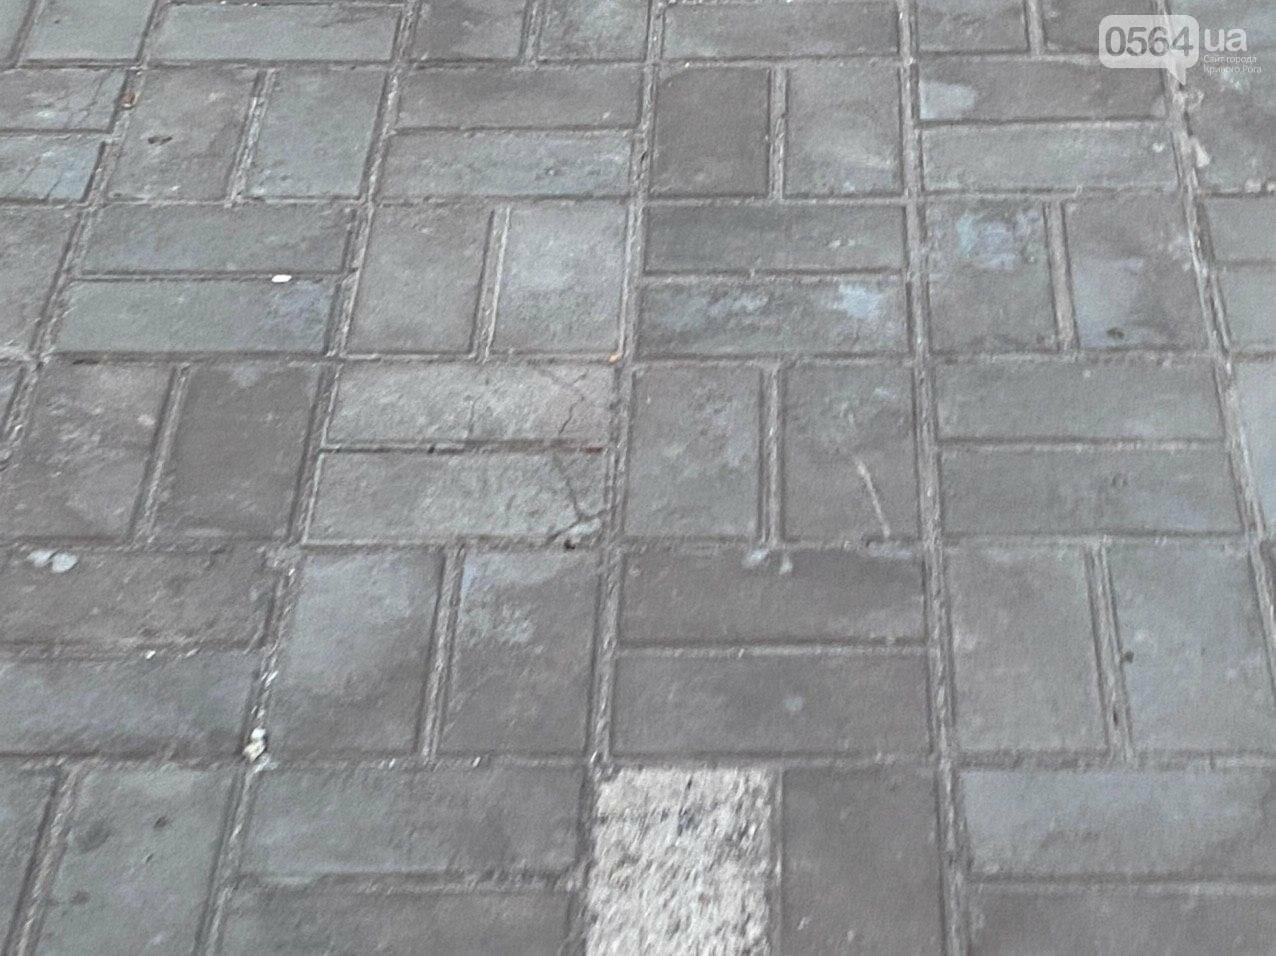 Второй раз по гарантийному договору будут менять плитку под райисполкомом в Кривом Роге, - ФОТО , фото-20